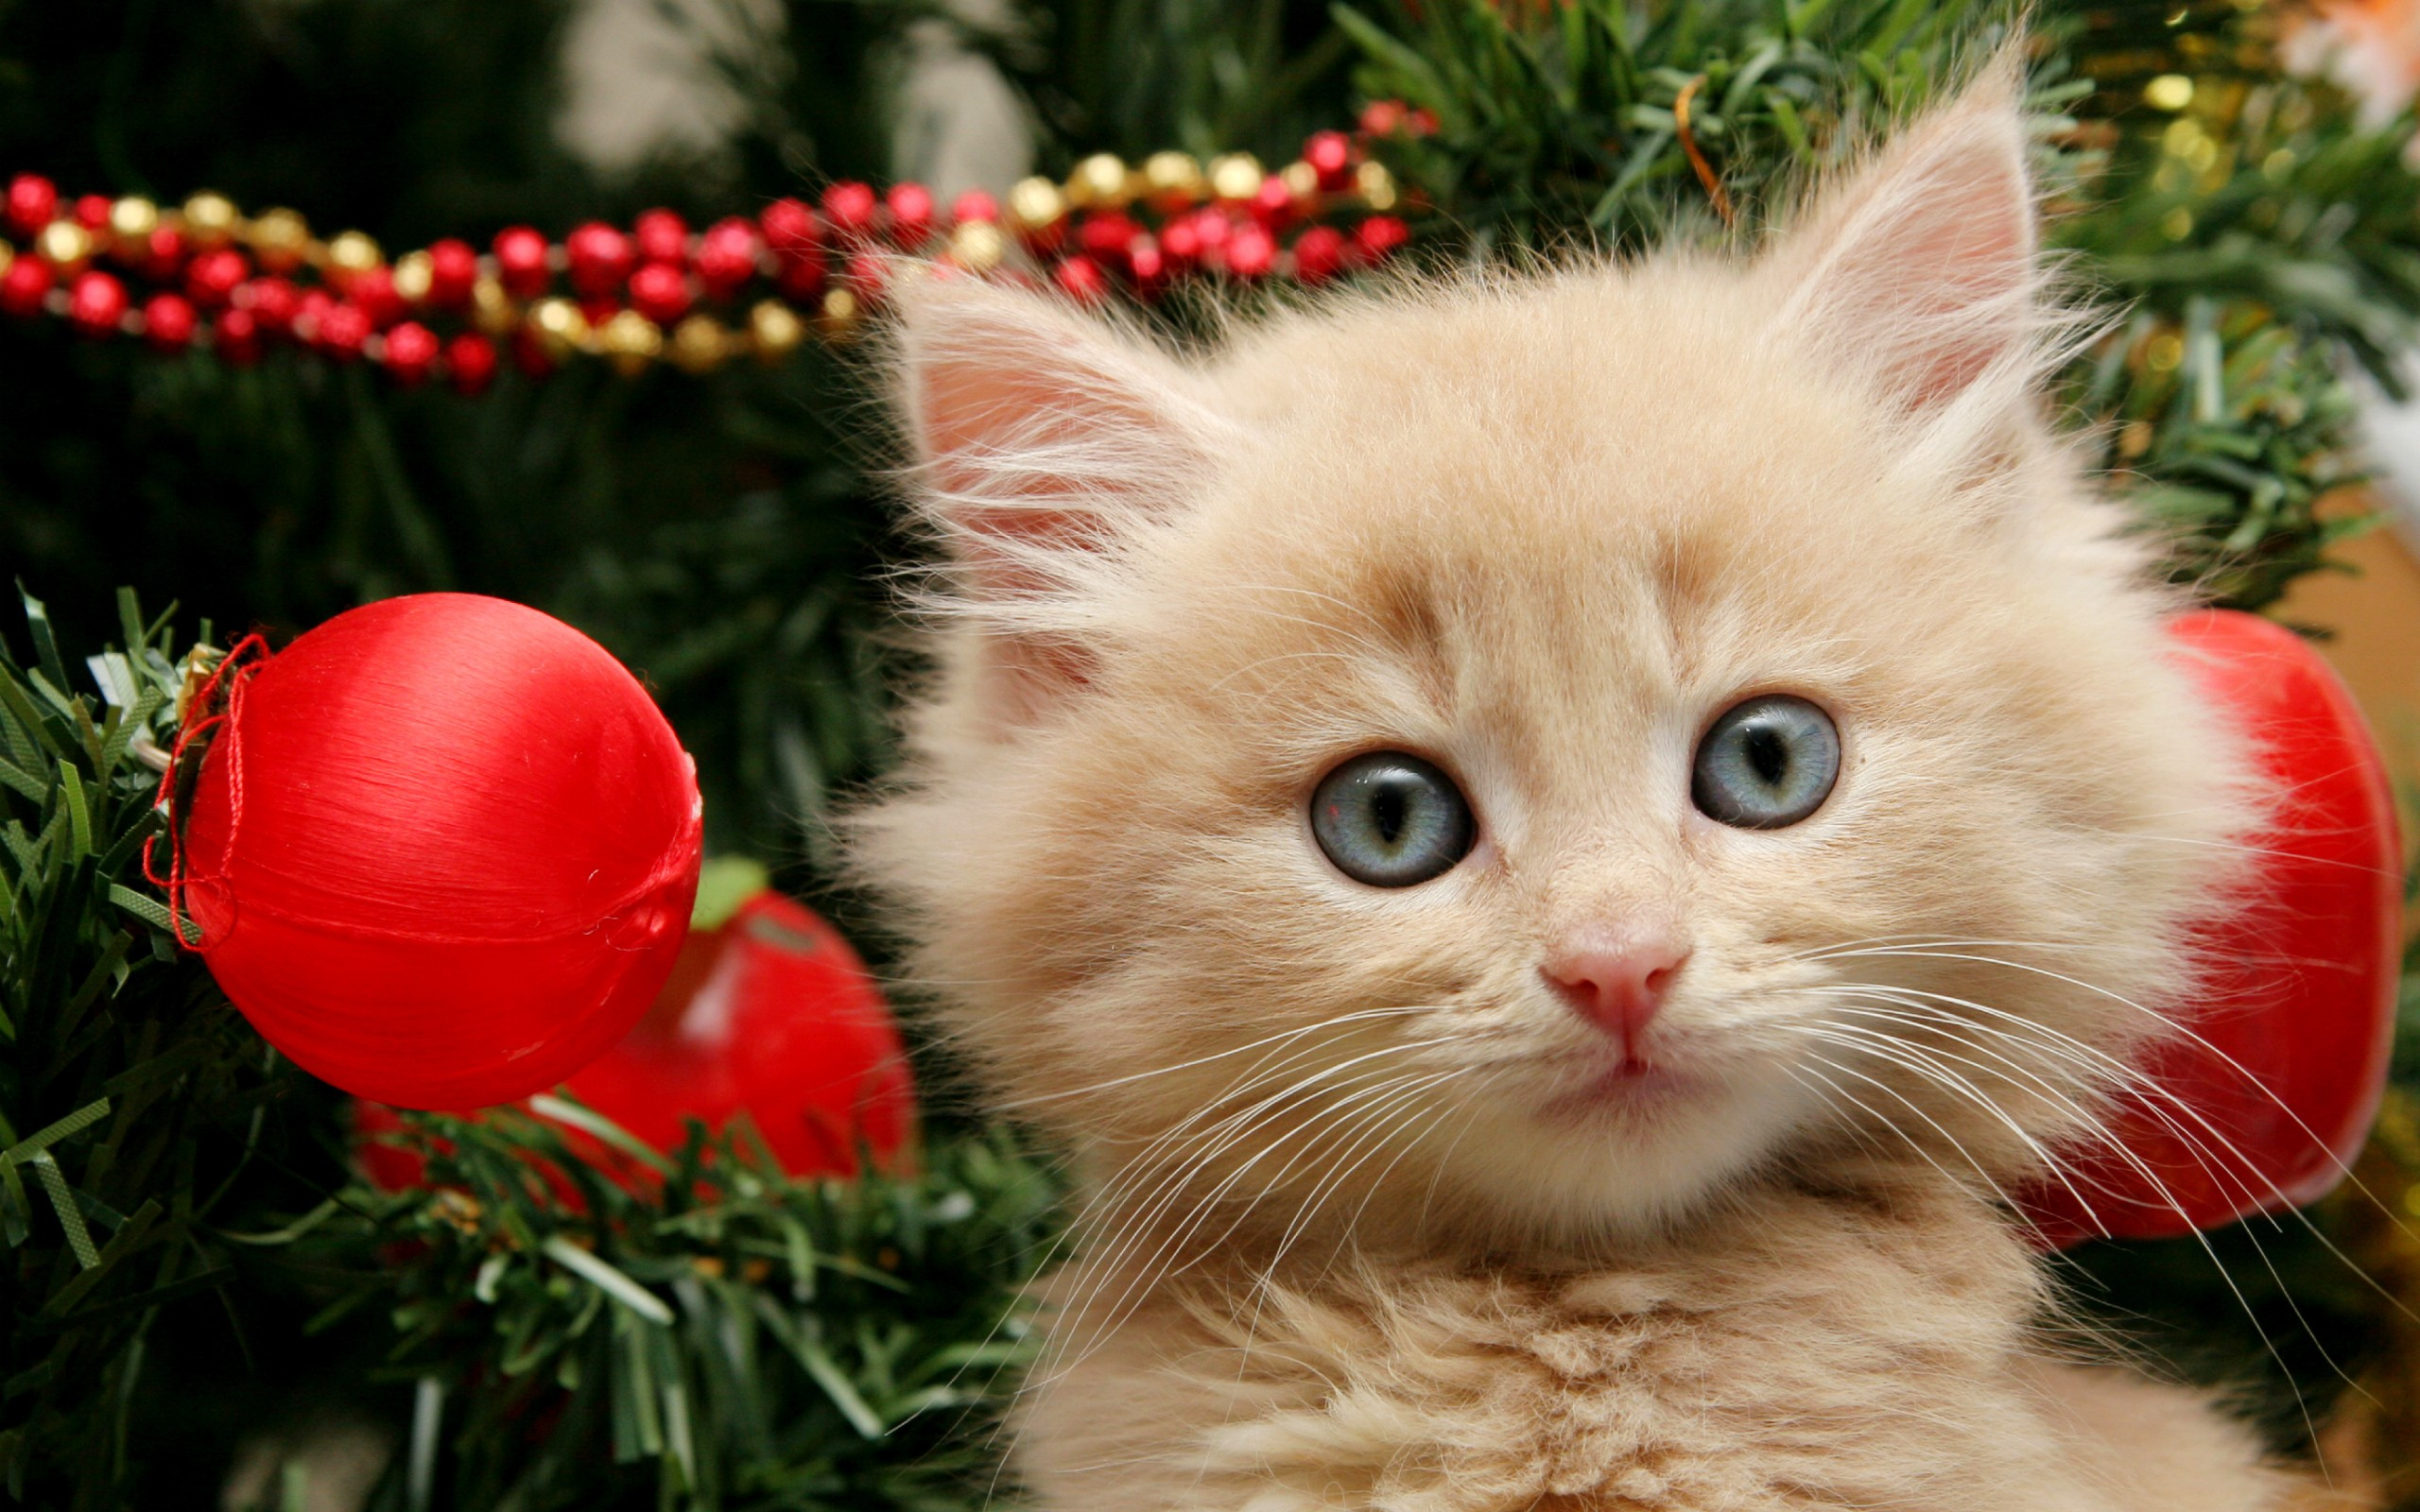 Tierno gatito jugando en arbol de navidad - 2560x1600